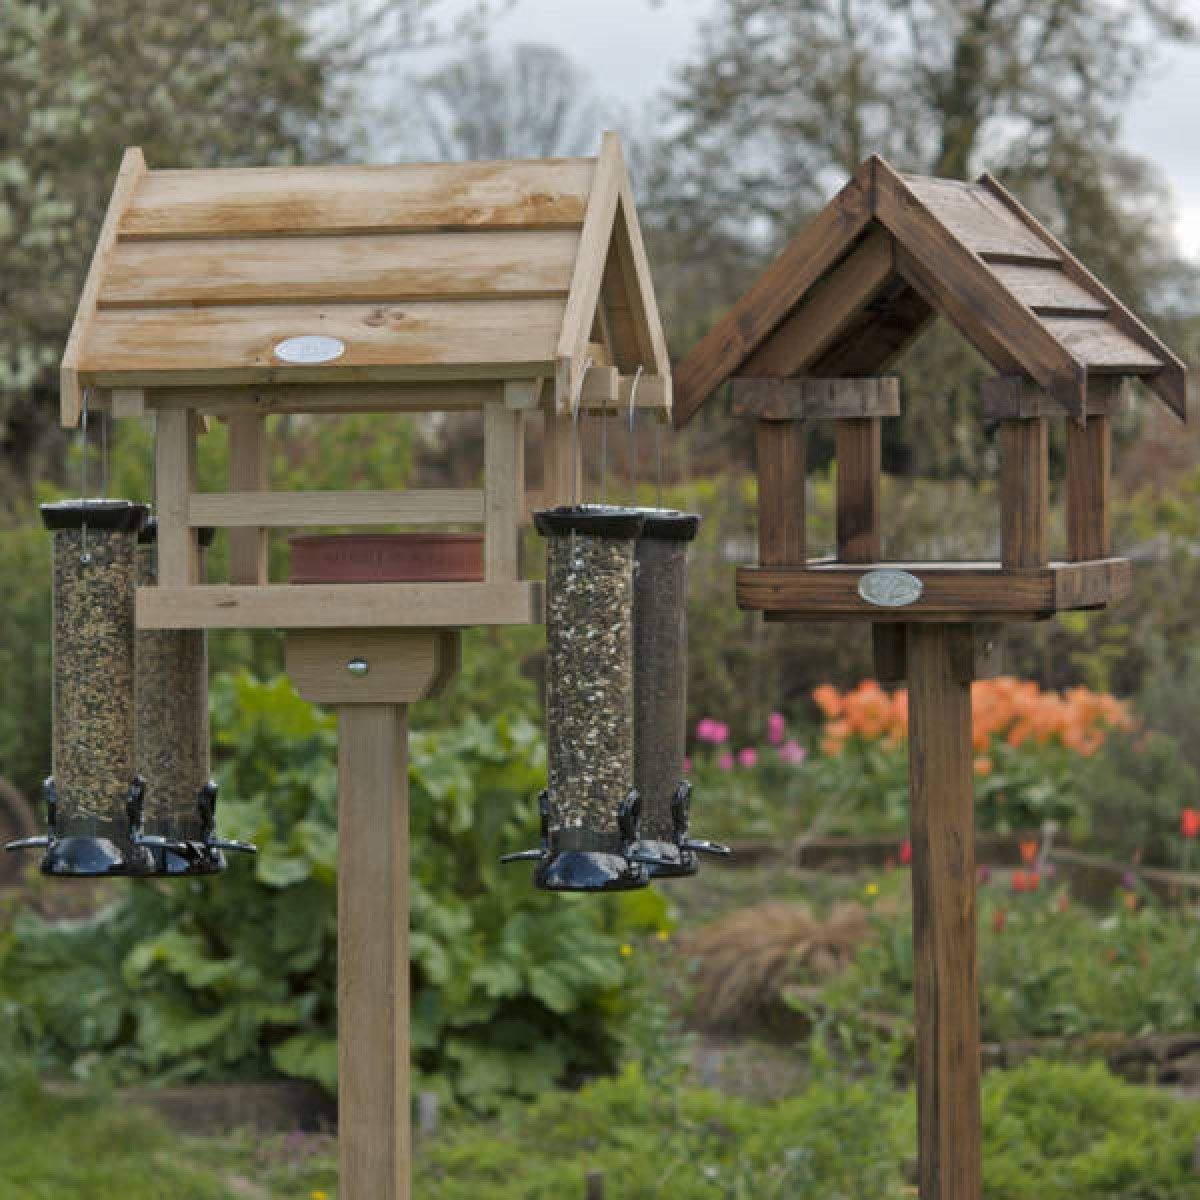 Wooden Bird Feeder Posts Bird Feeder Stands Wooden Bird Feeders Free Standing Bird Feeders